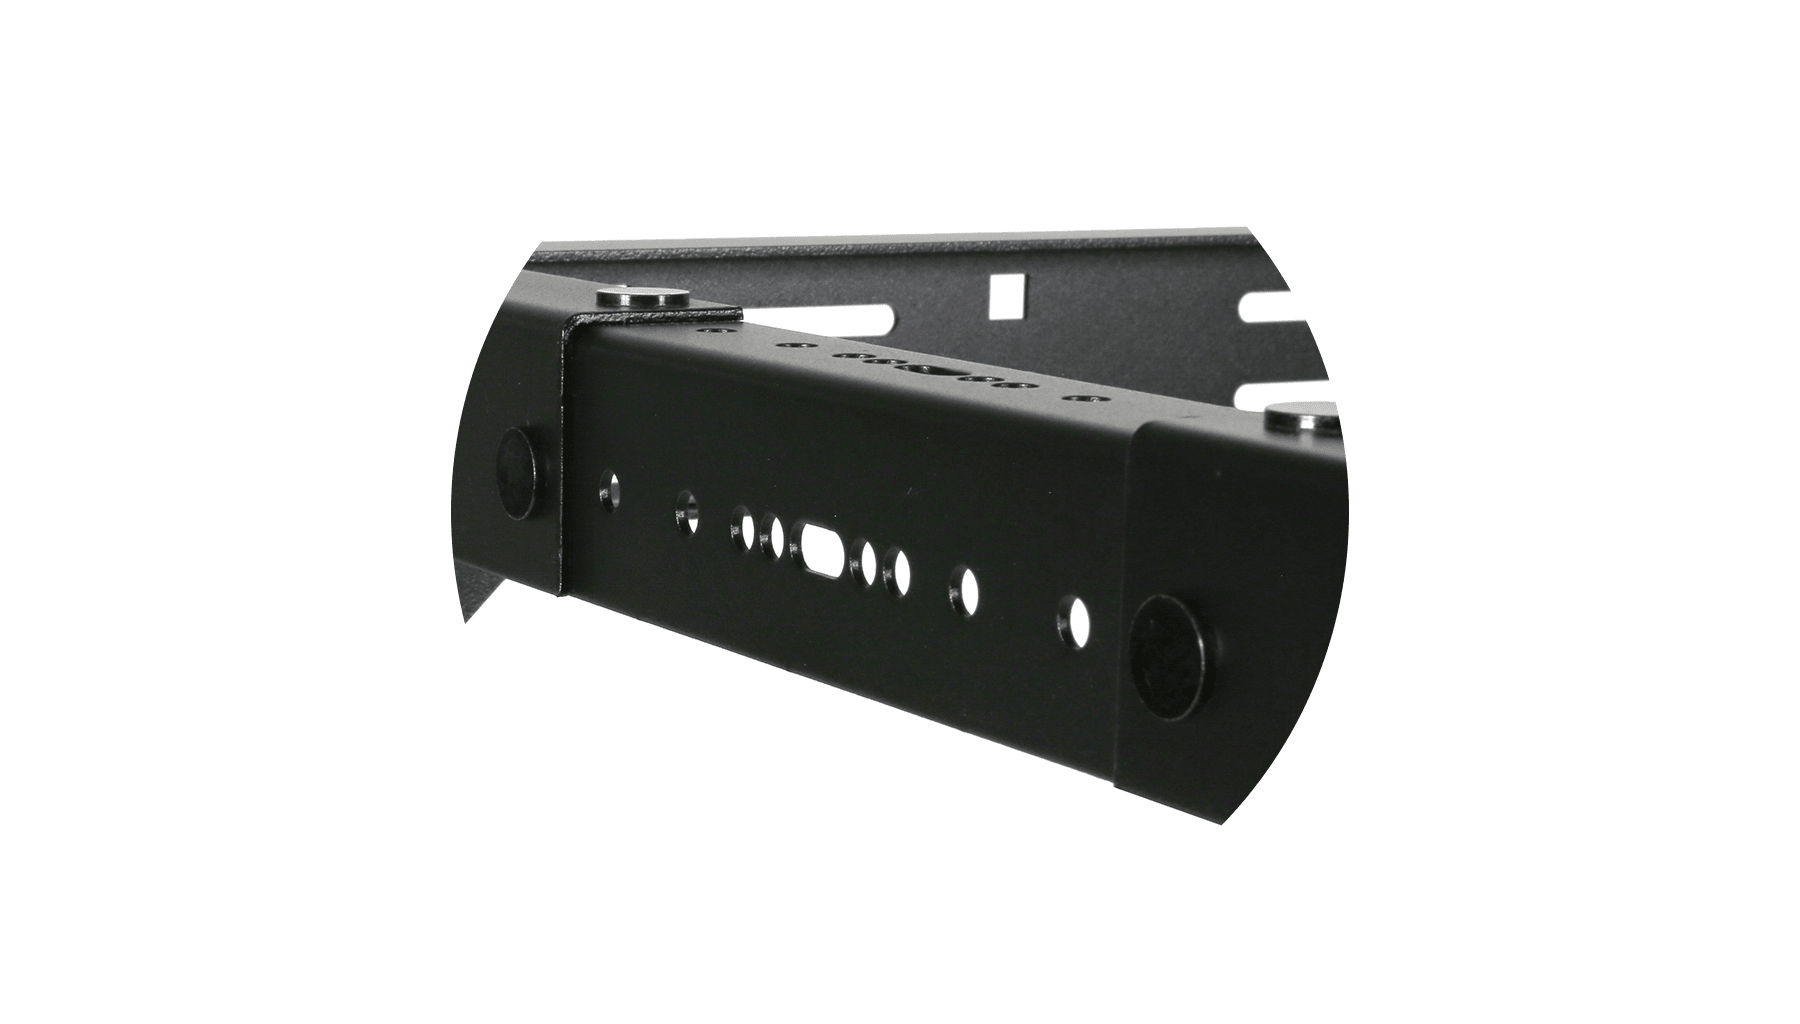 """OPR306A - 19"""" in depth adjustable open frame rack - 6 unit - 300 ~ 450mm"""